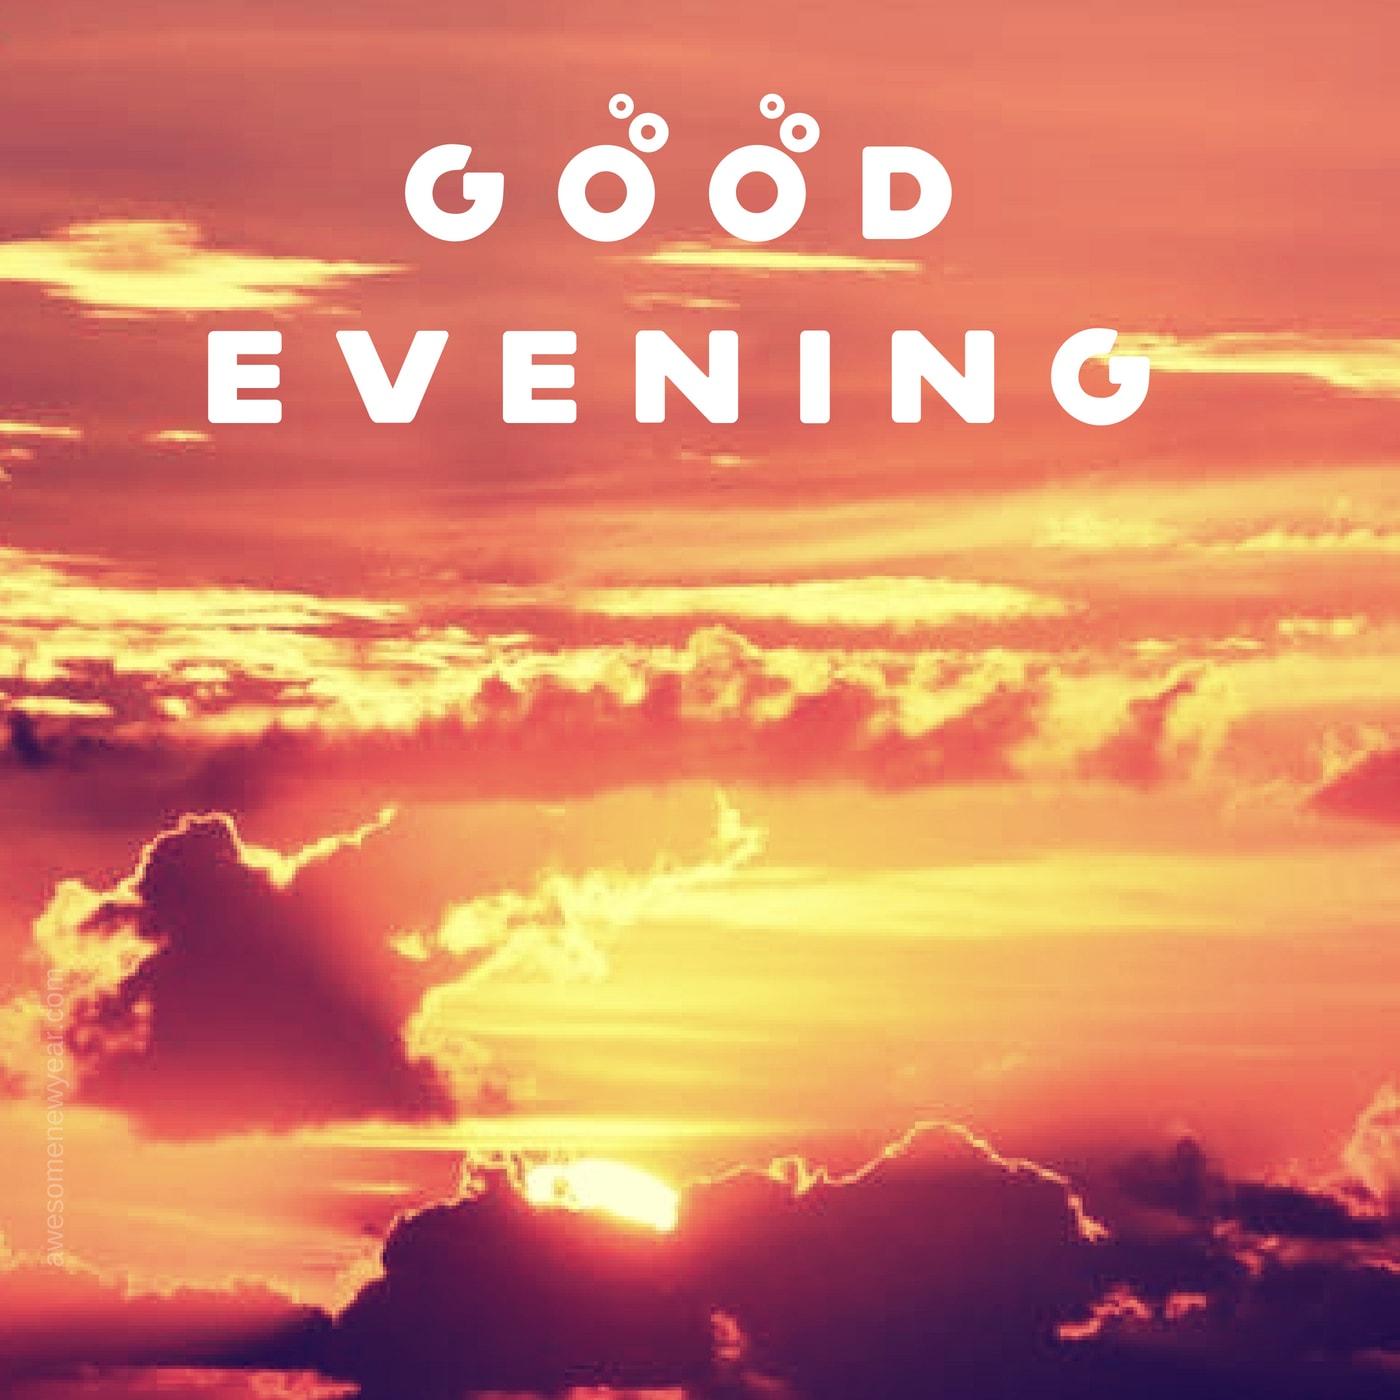 بالصور مساء الخير بالانجليزي , اجمل صور المساء بالانجليزيه 6120 6